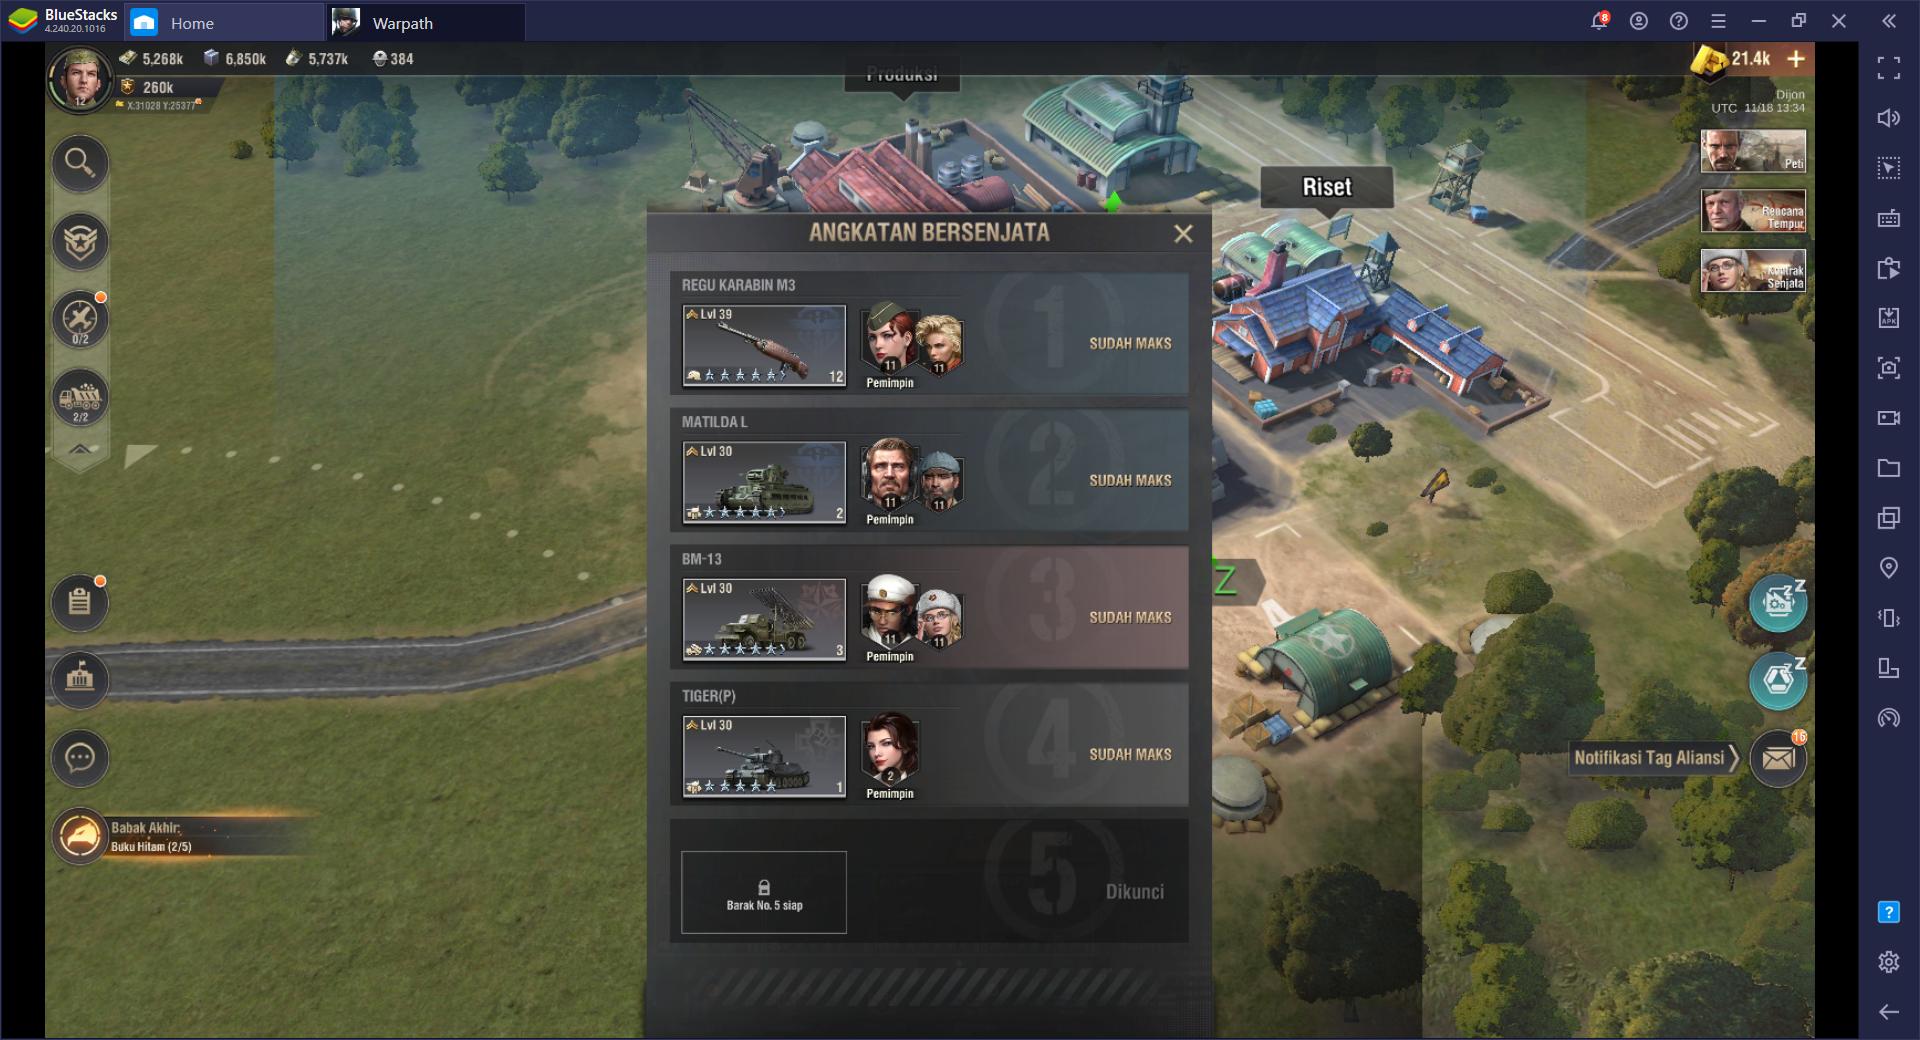 Warpath di PC – Panduan Newbie untuk Membangun Kamp dan Pelatihan Tentara